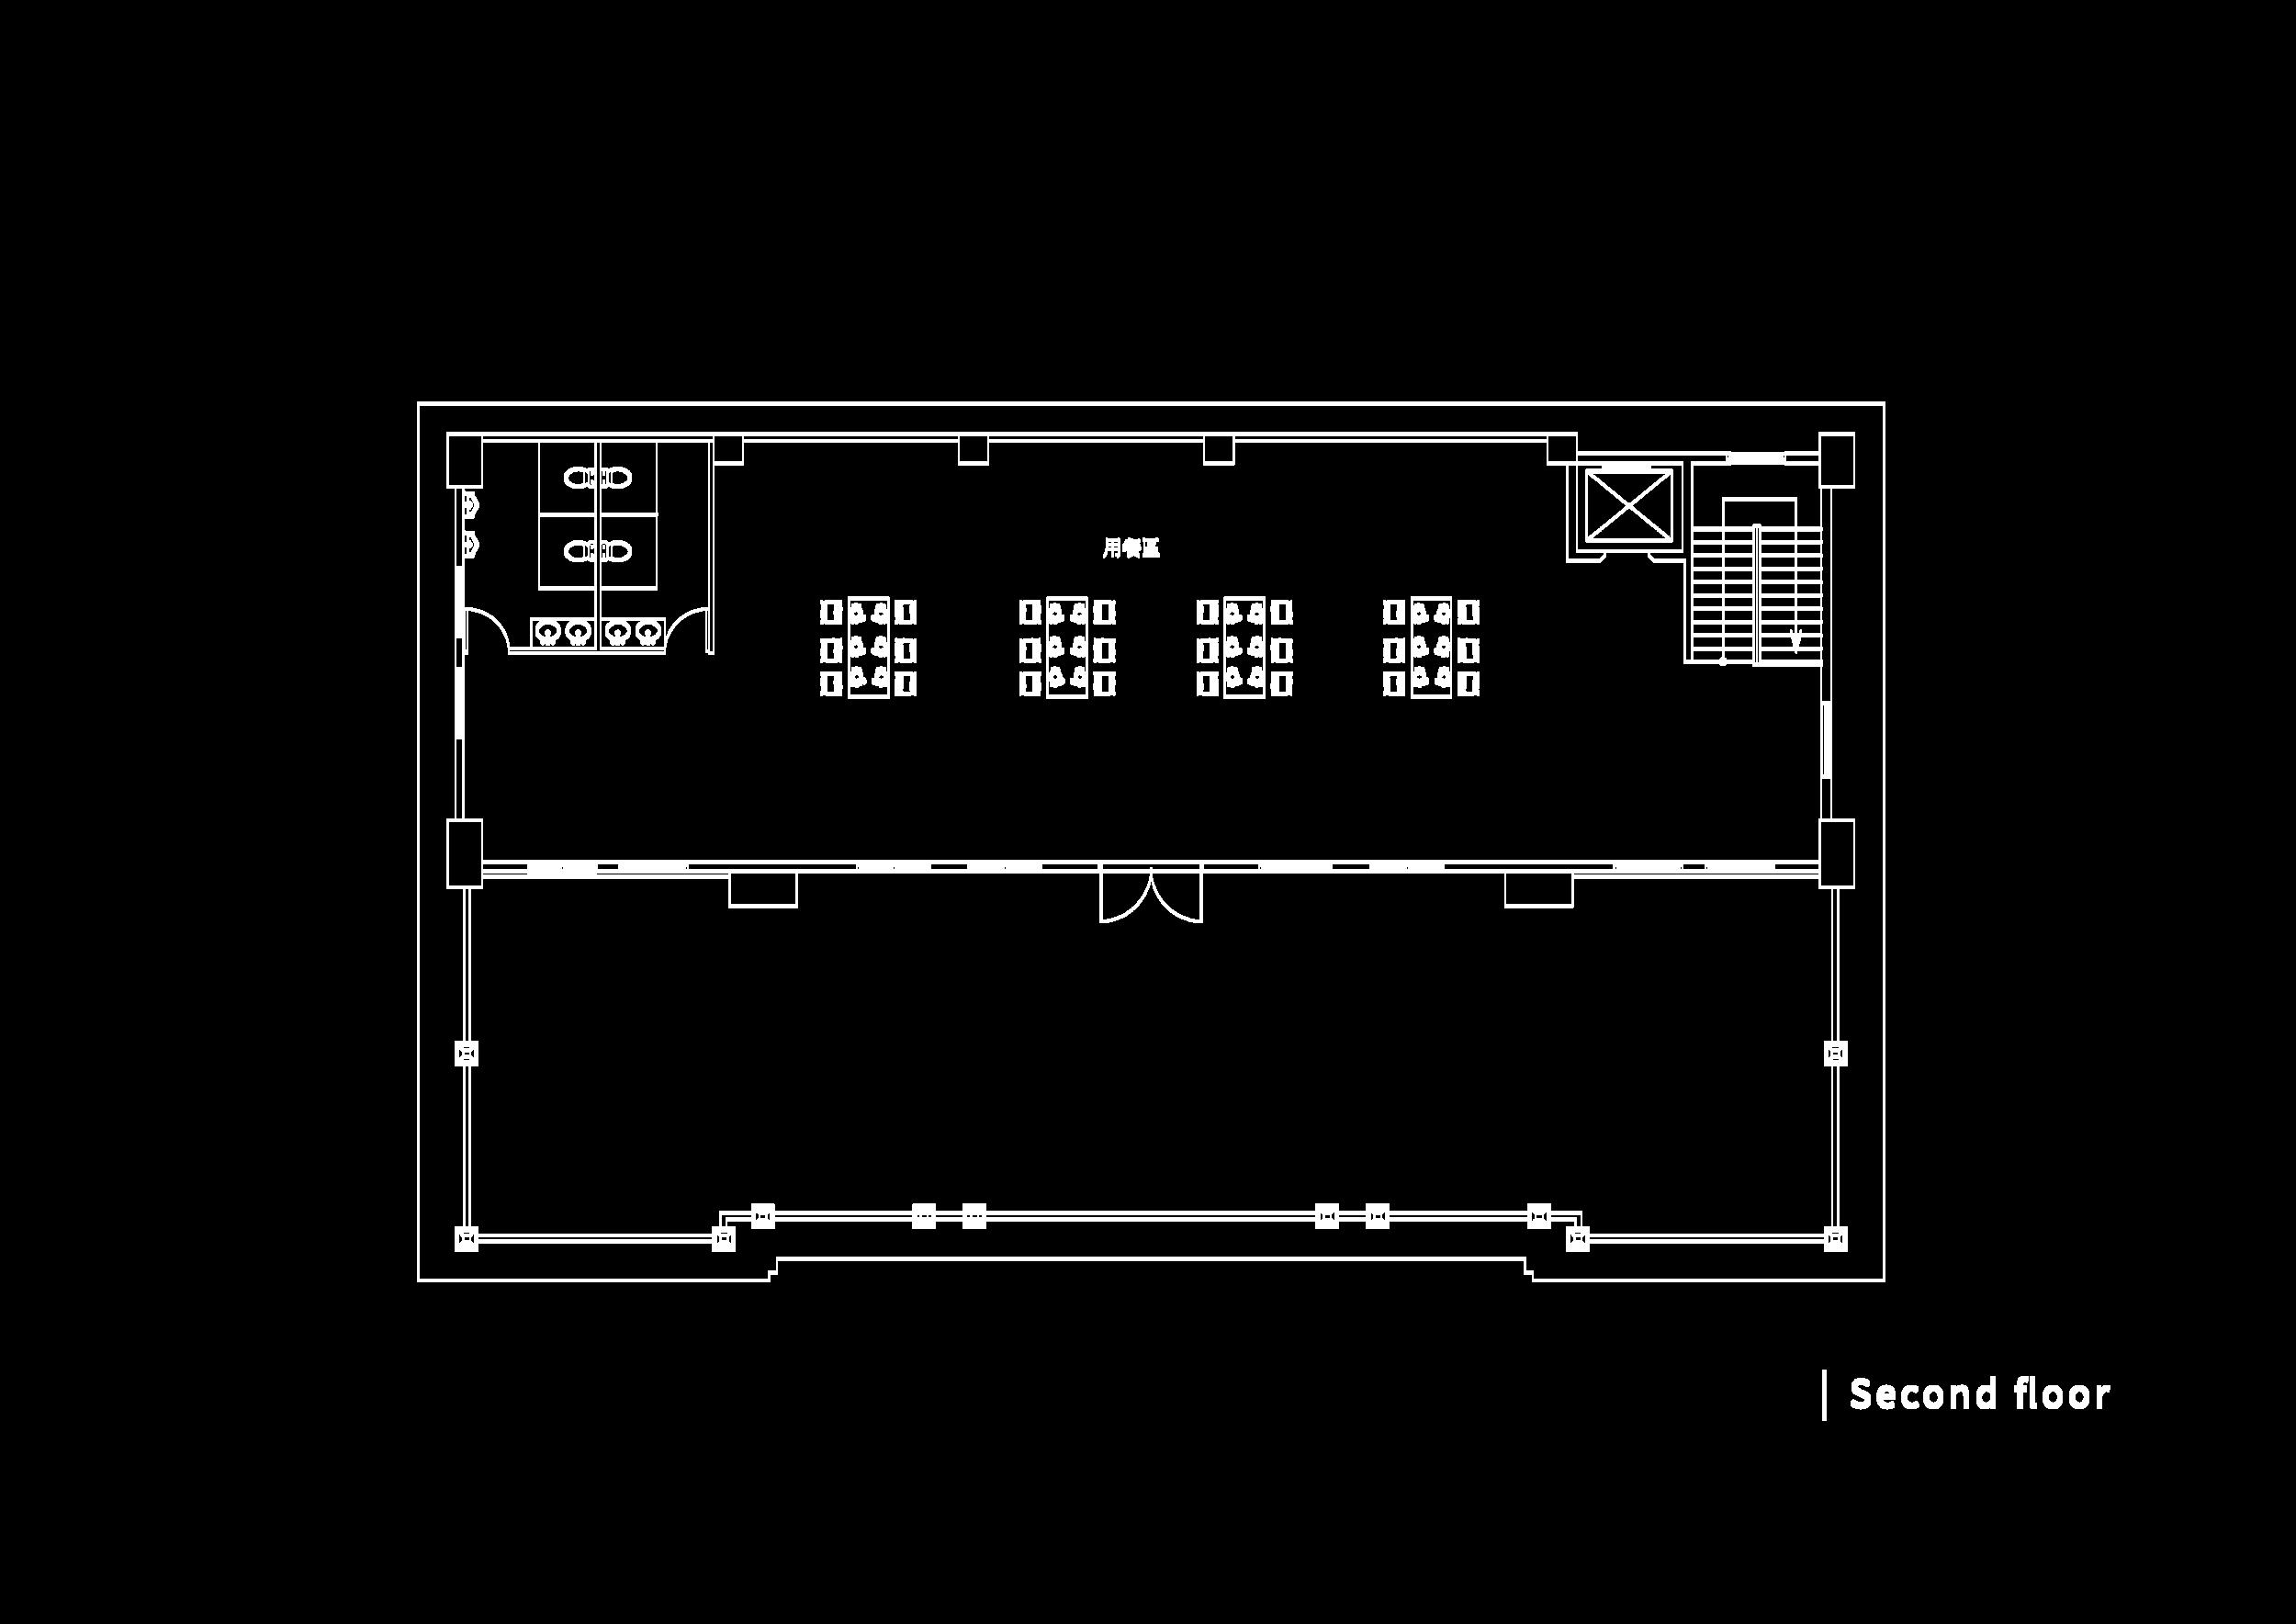 酒莊內佈置規劃圖-2FF-01.png